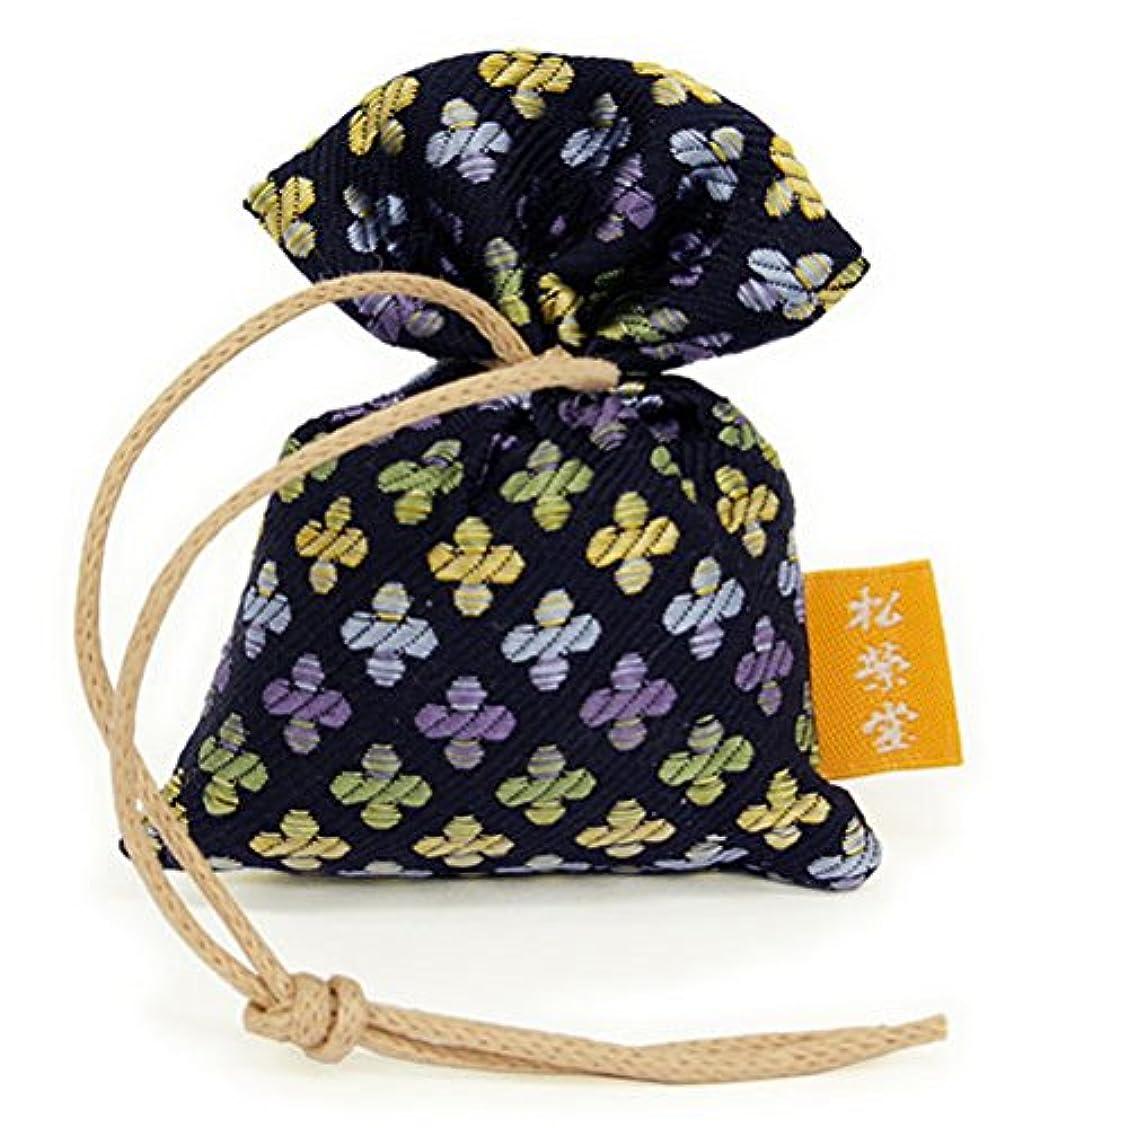 抱擁はず待って匂い袋 誰が袖 薫 かおる 1個入 松栄堂 Shoyeido 本体長さ60mm (色?柄は選べません)